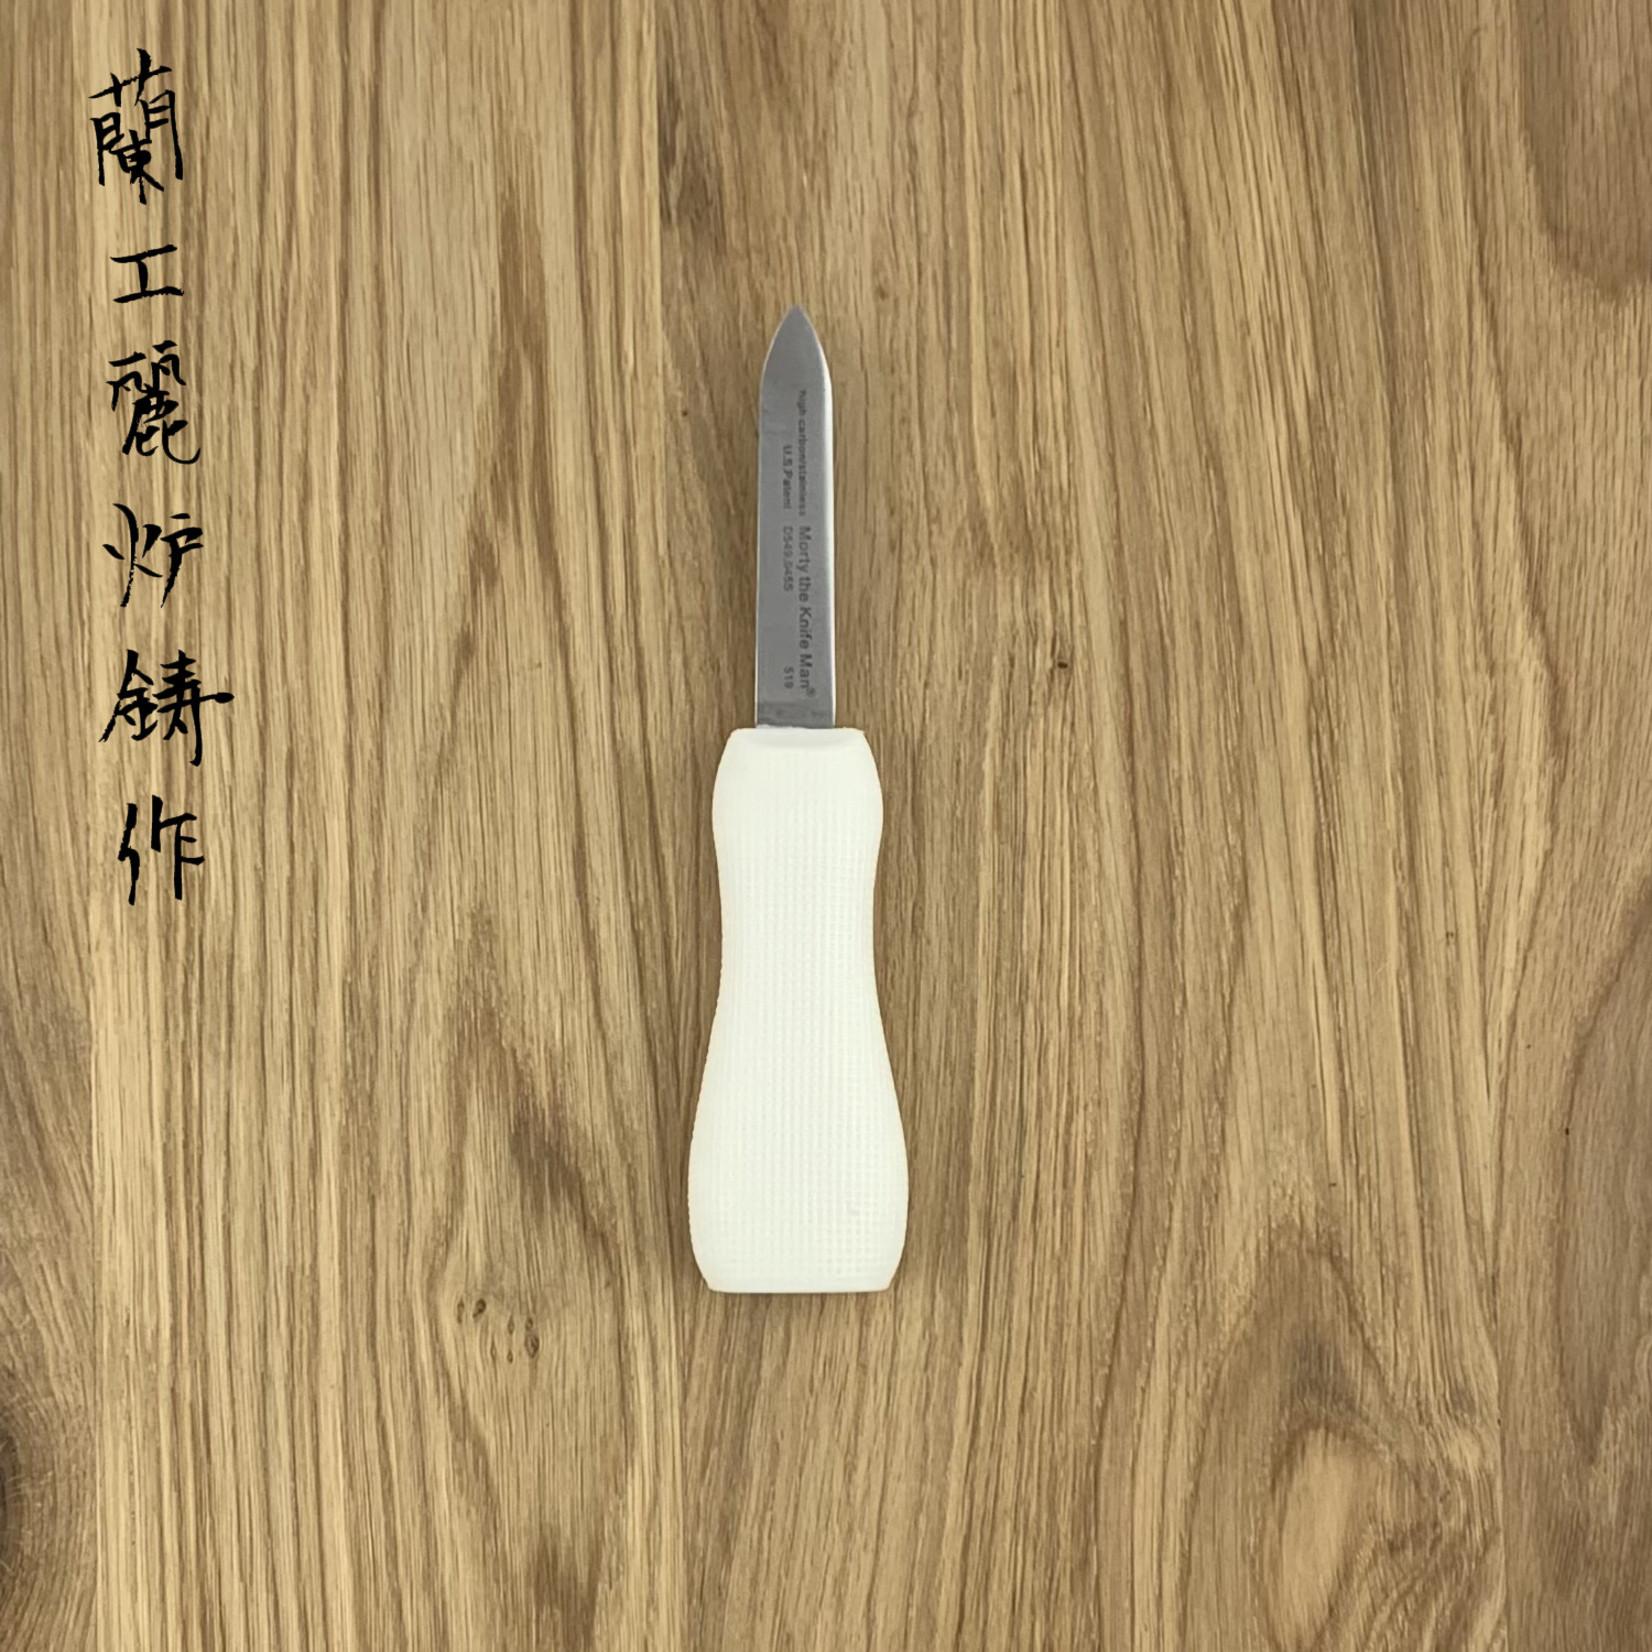 MAC Oyster knife bended tip